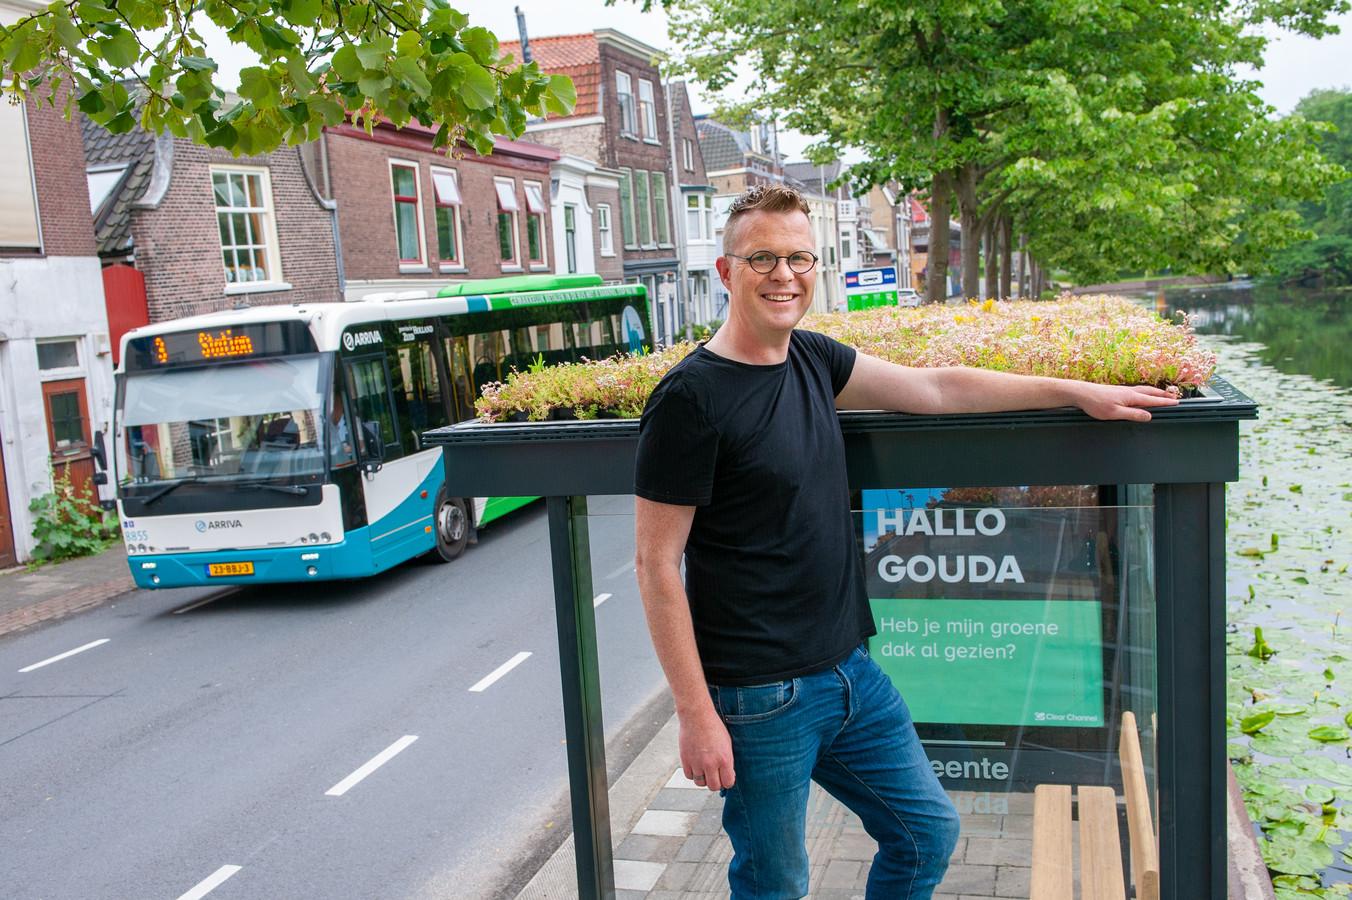 Gouda, Niels de Zwarte, 43 bij één van de Goudse bushokjes met een groen dak aan de Fluwelensingel.